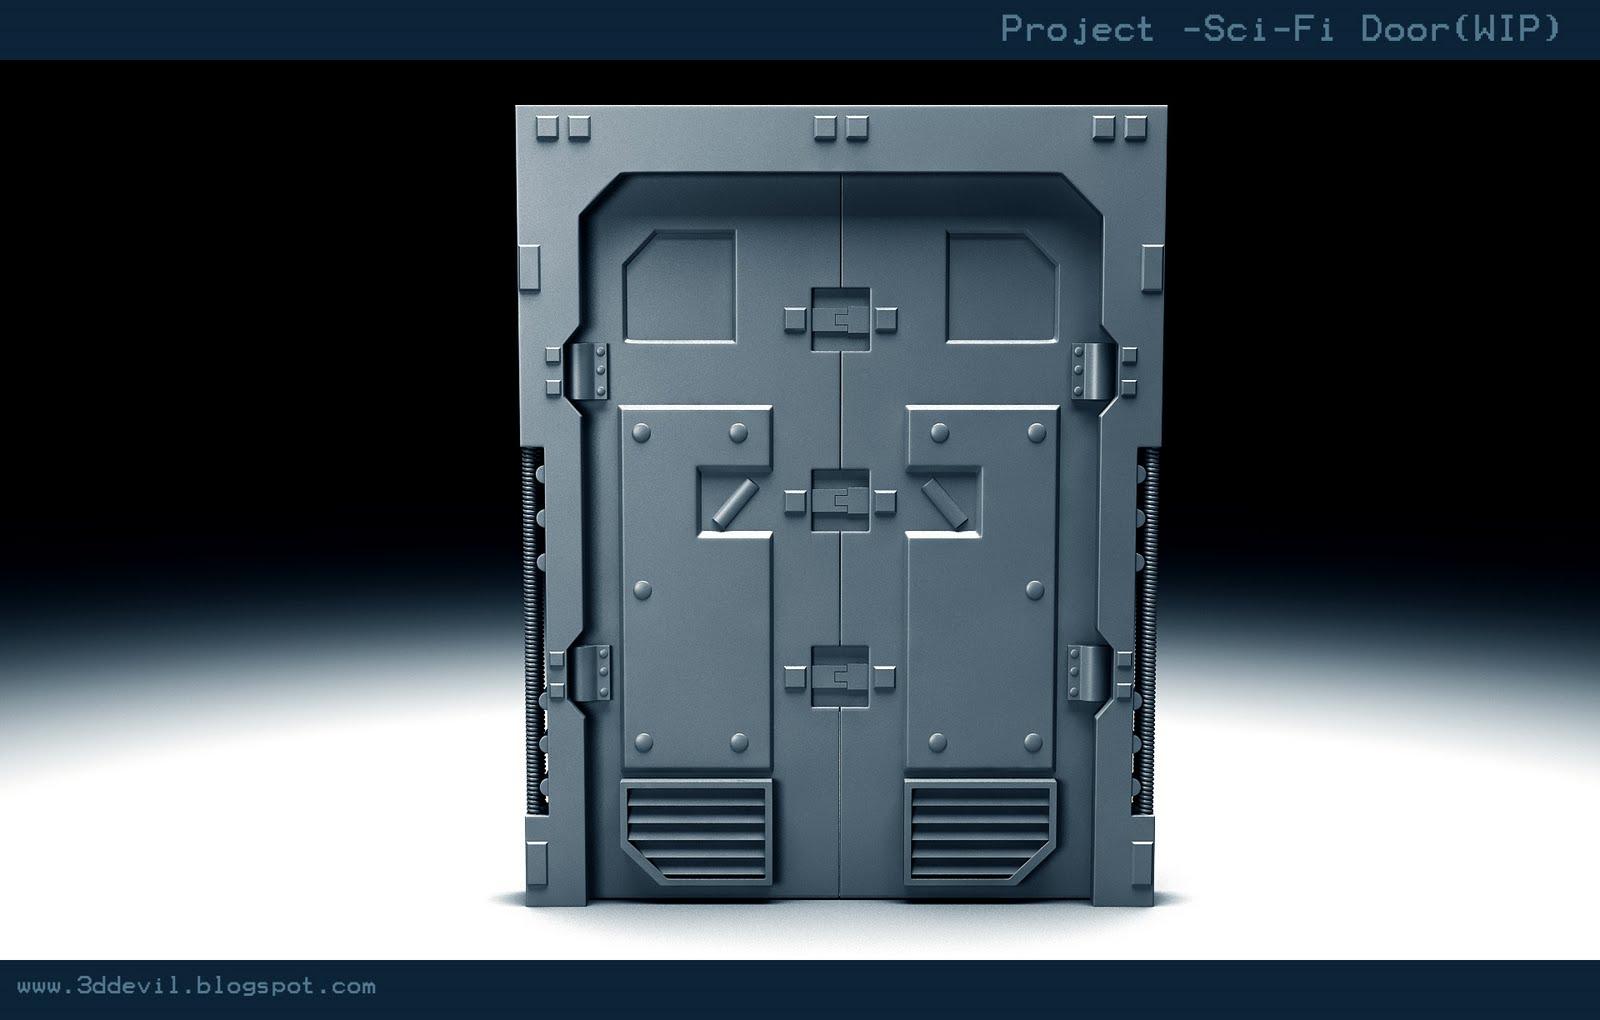 3ddevil sci fi door for Door 1 2 or 3